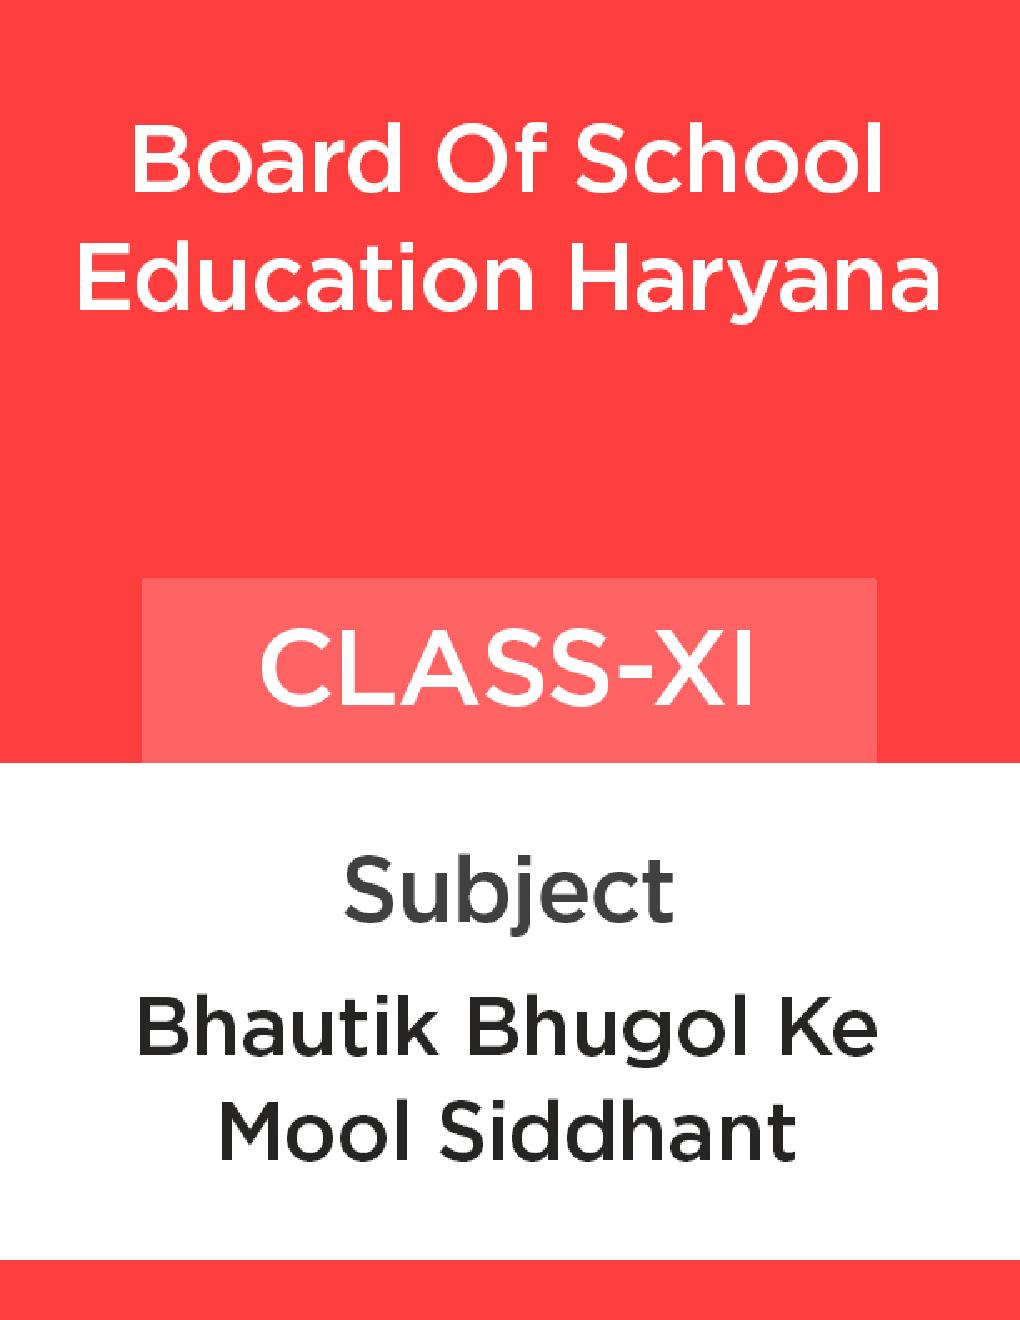 भौतिक भूगोल के मूल सिद्धांत कक्षा - XI For Board Of School Education, Haryana - Page 1